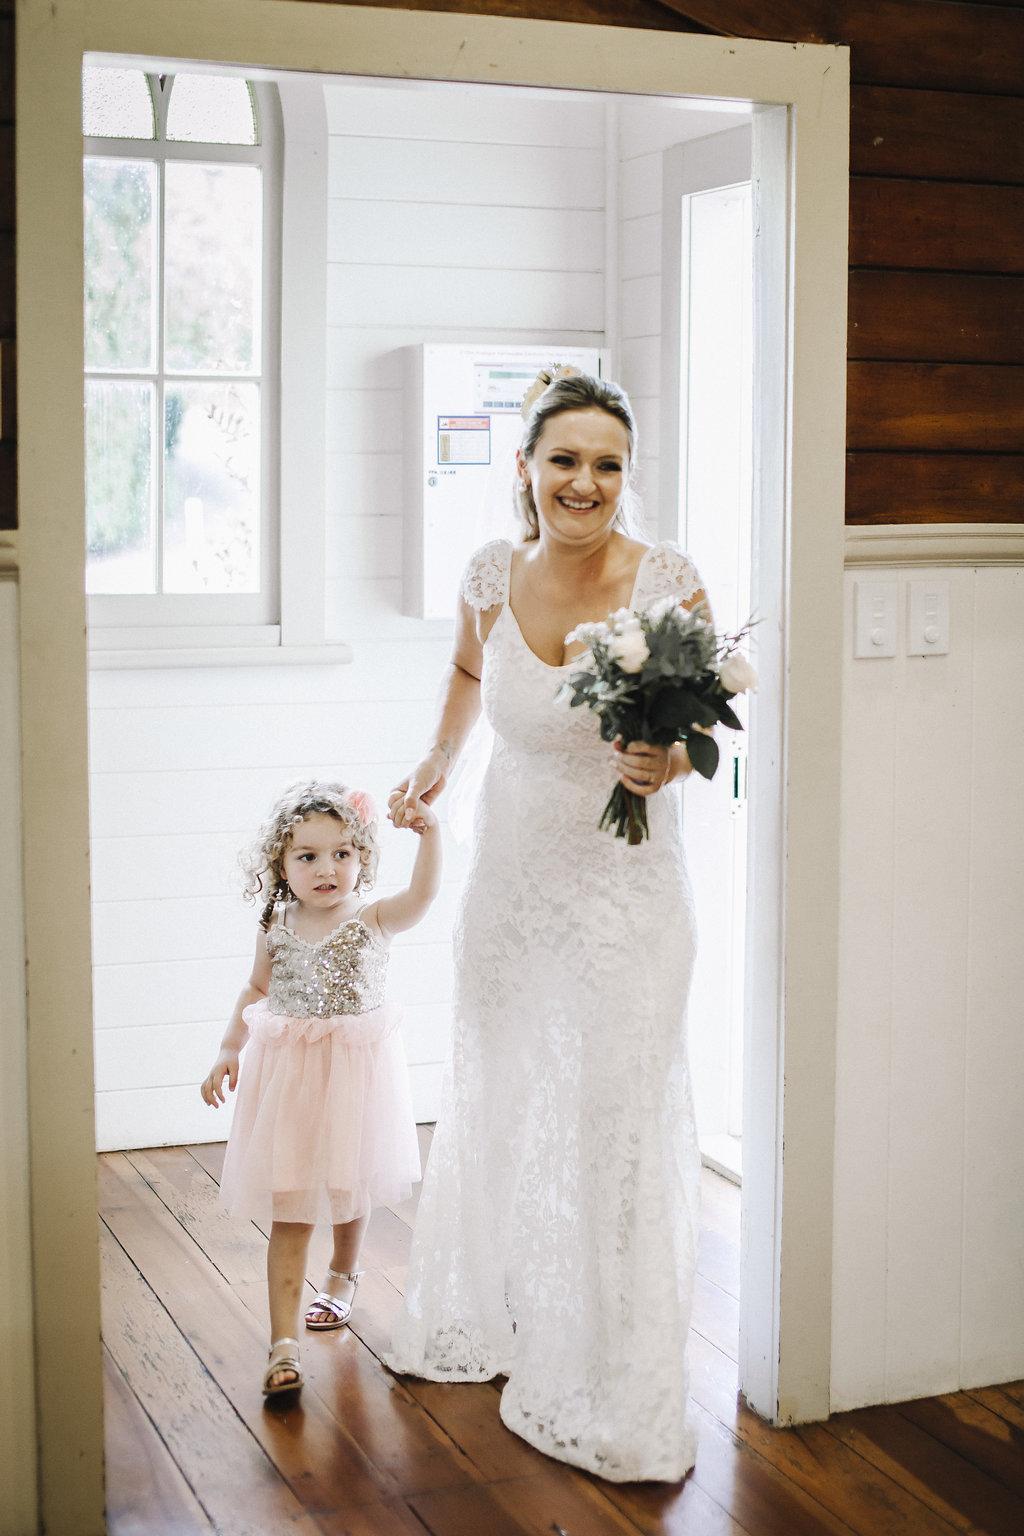 S_L_wedding_009.jpg